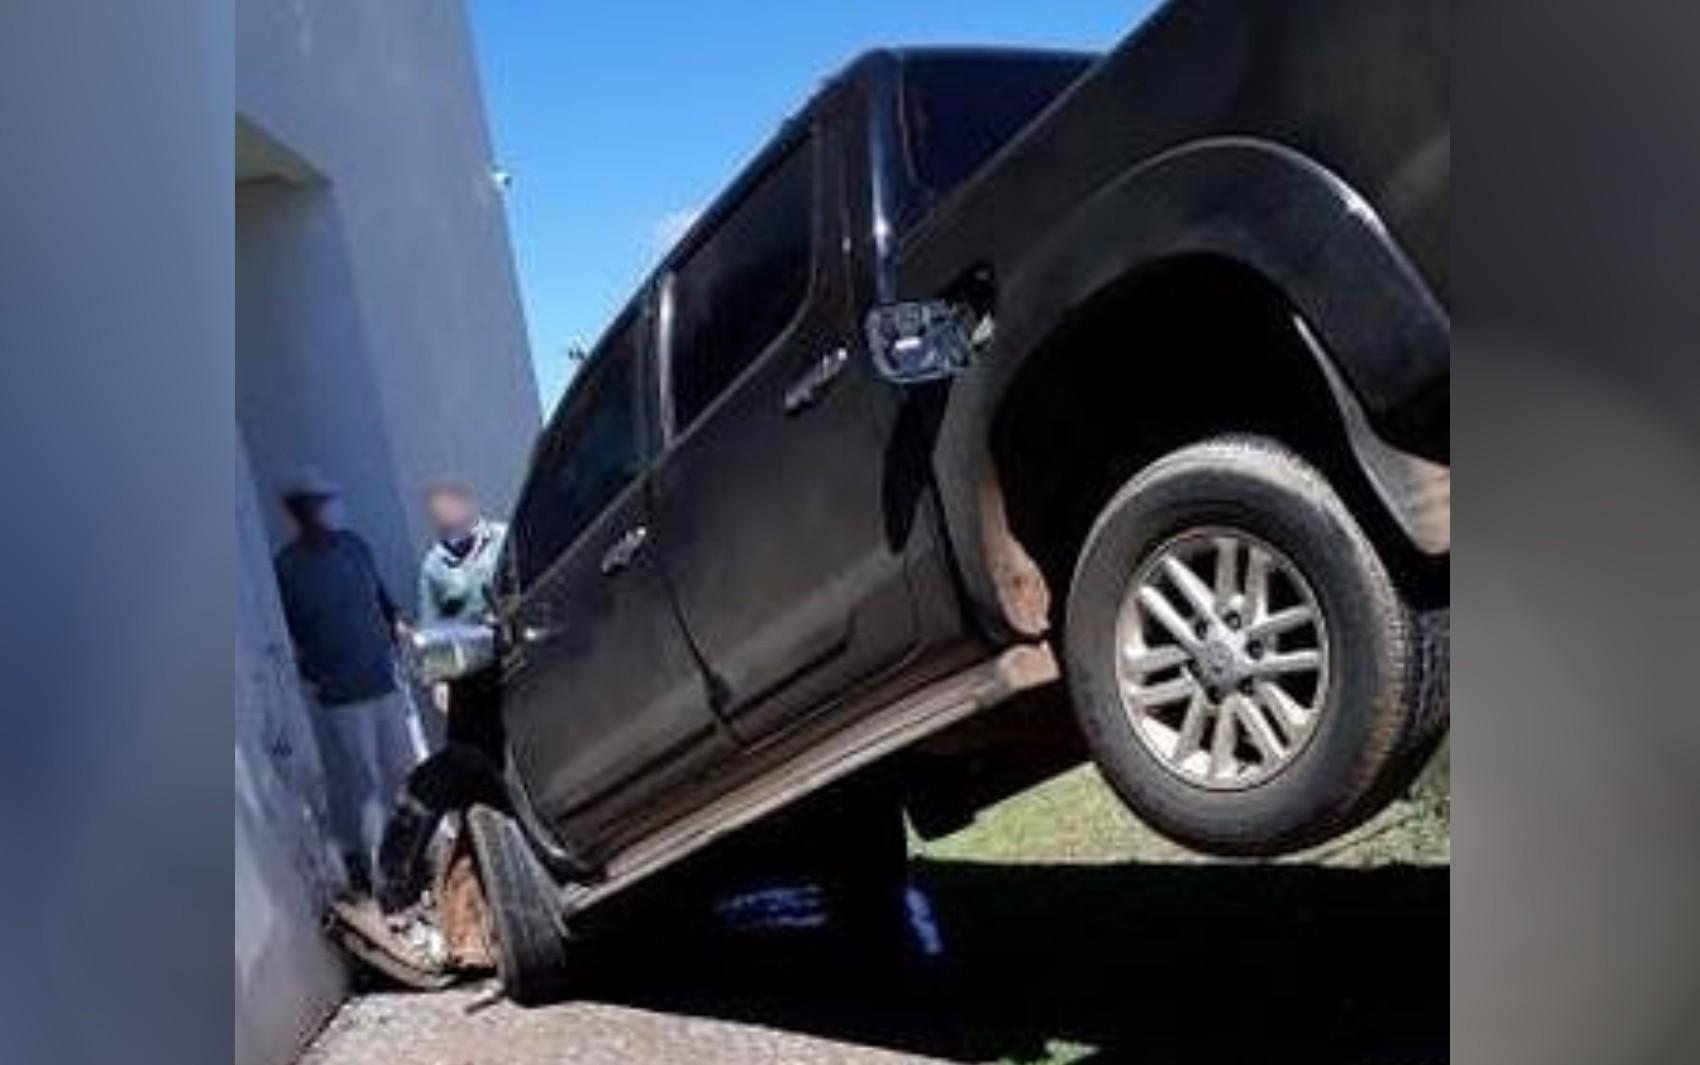 Motorista sem habilitação bate em poste e cai em desnível durante test  drive em Anápolis, diz PM